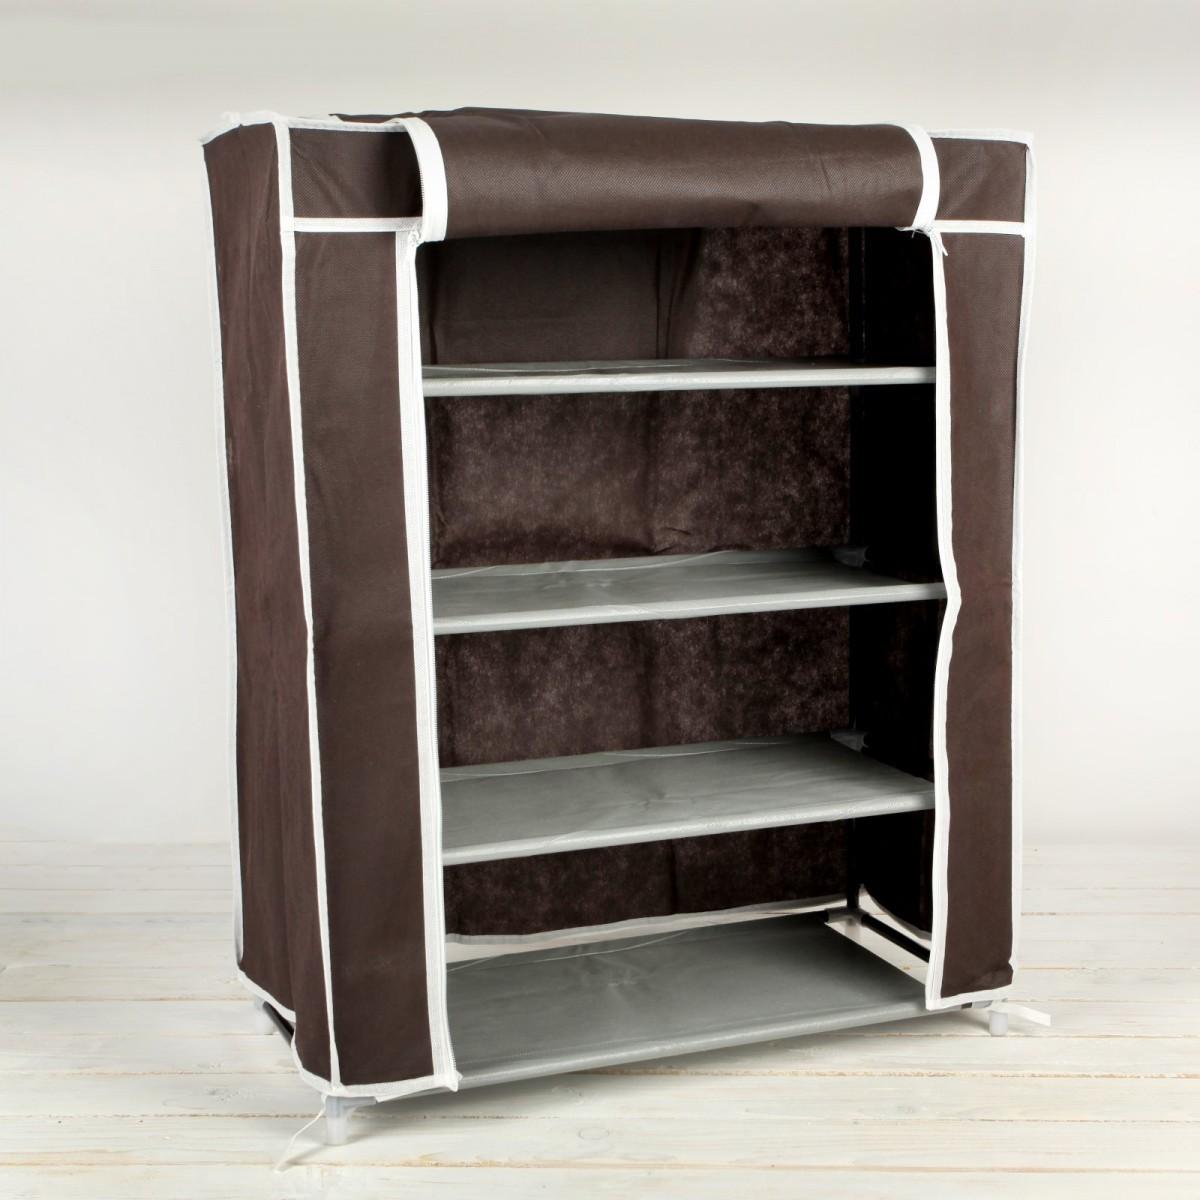 Тканевый шкаф для обуви на 4 полки, кофейный, 60 х 28 х 72 см